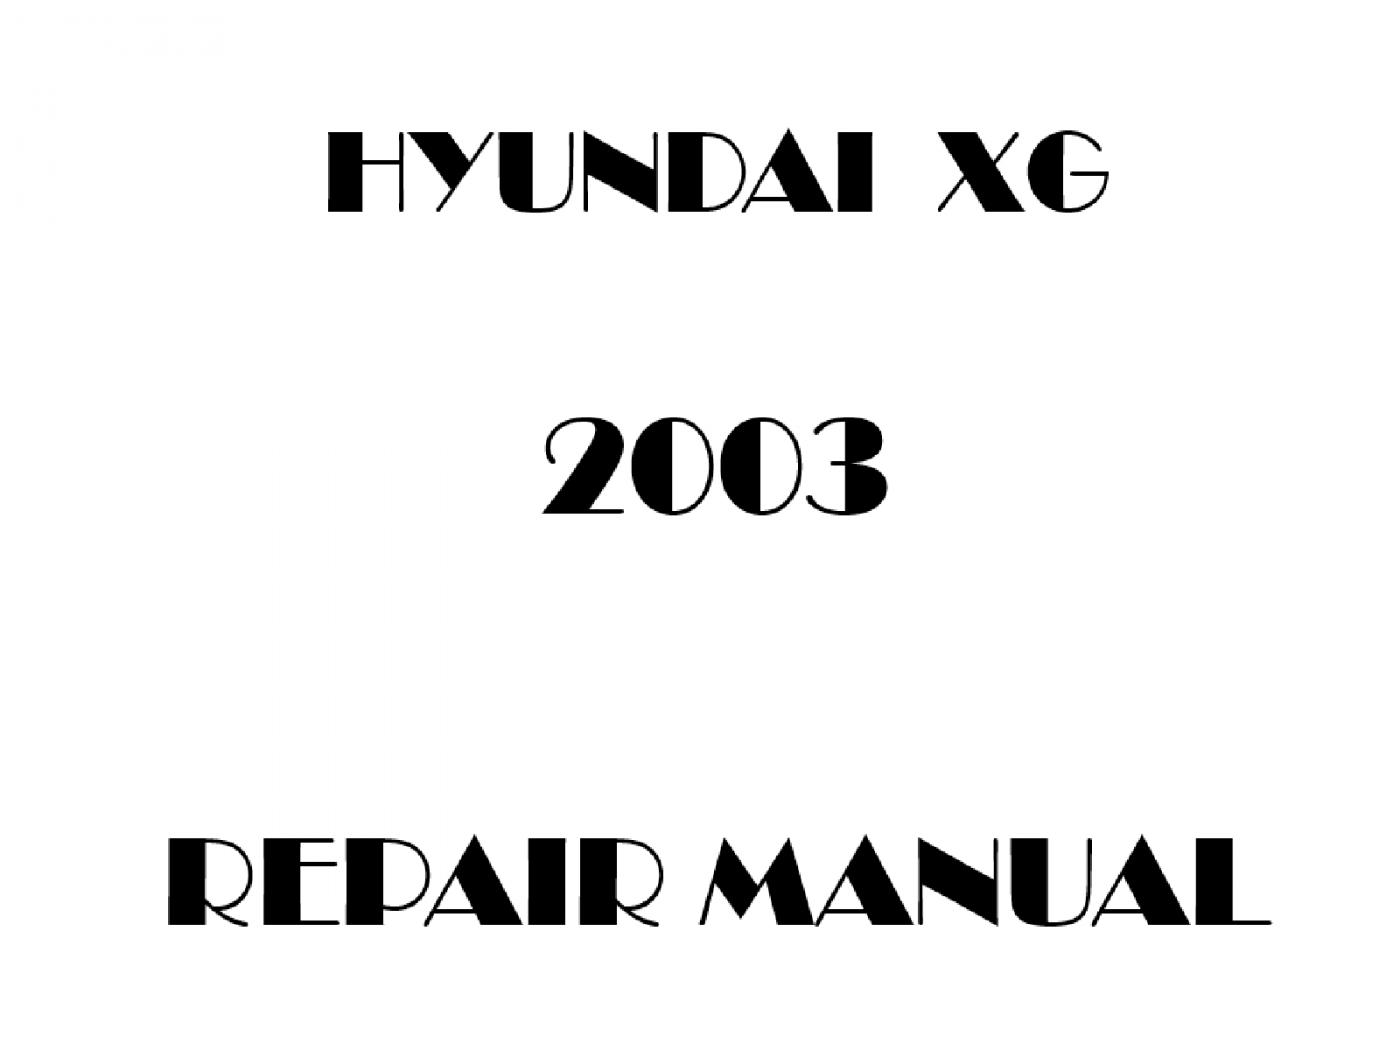 2003 Hyundai XG repair manual